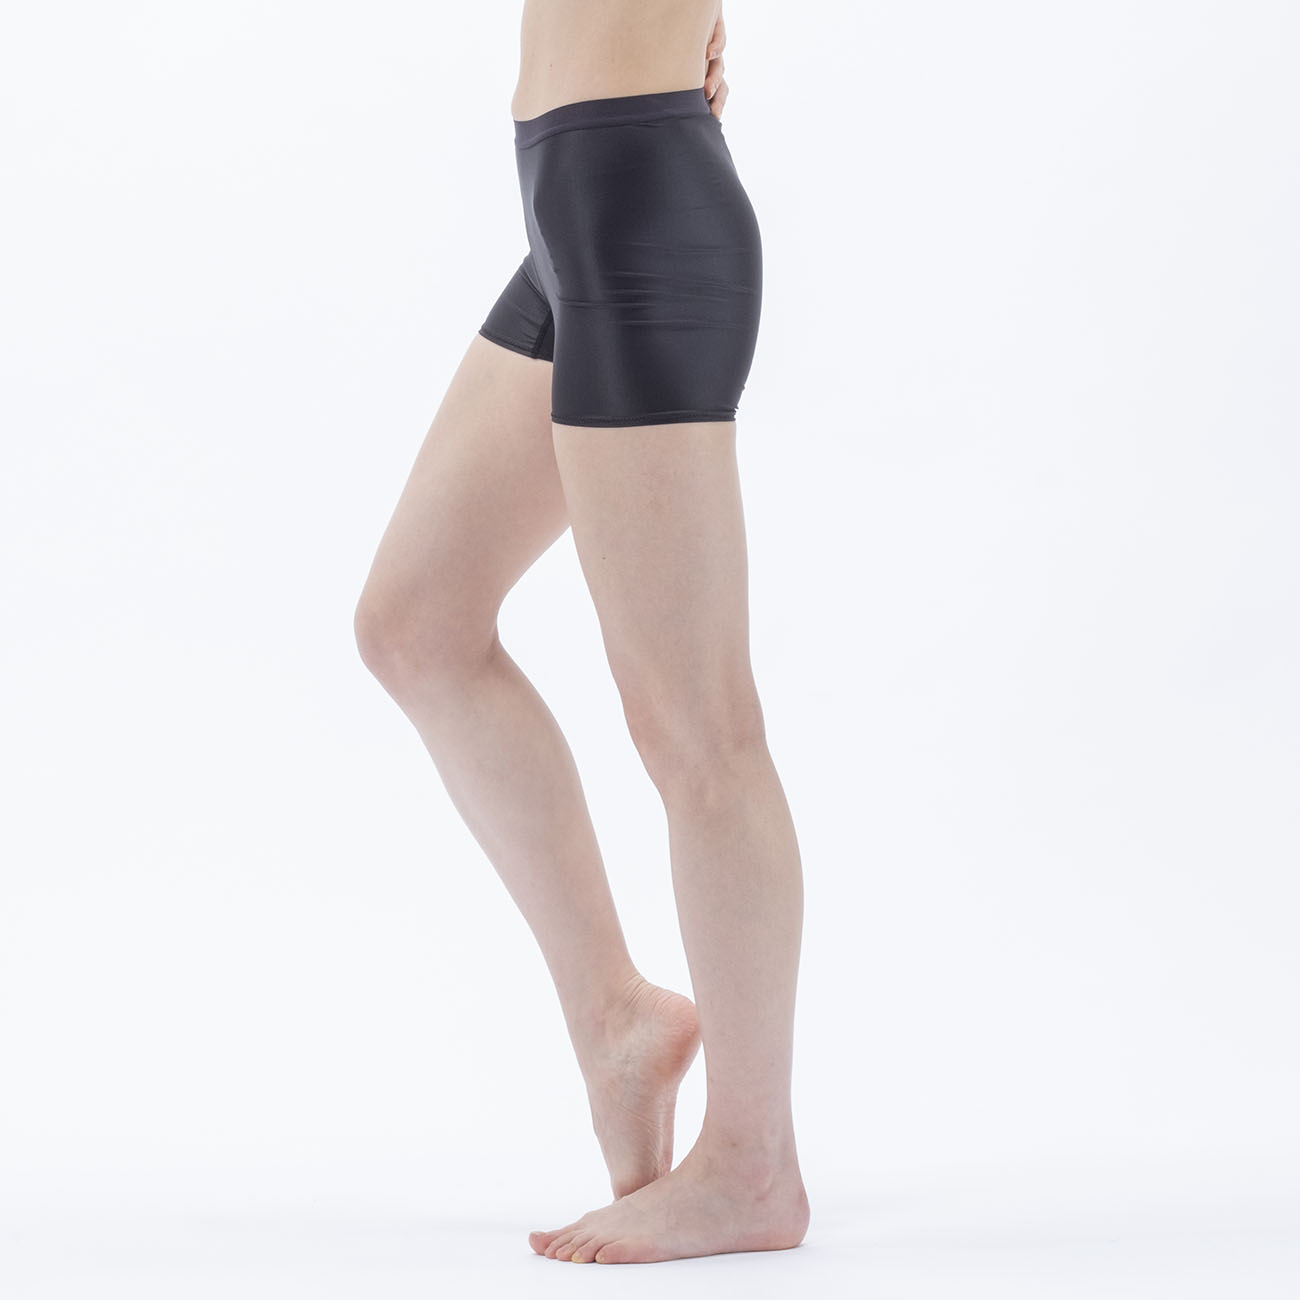 Janestyle(ジェーンスタイル)マルチレイヤードスパッツ1分丈 ブラック